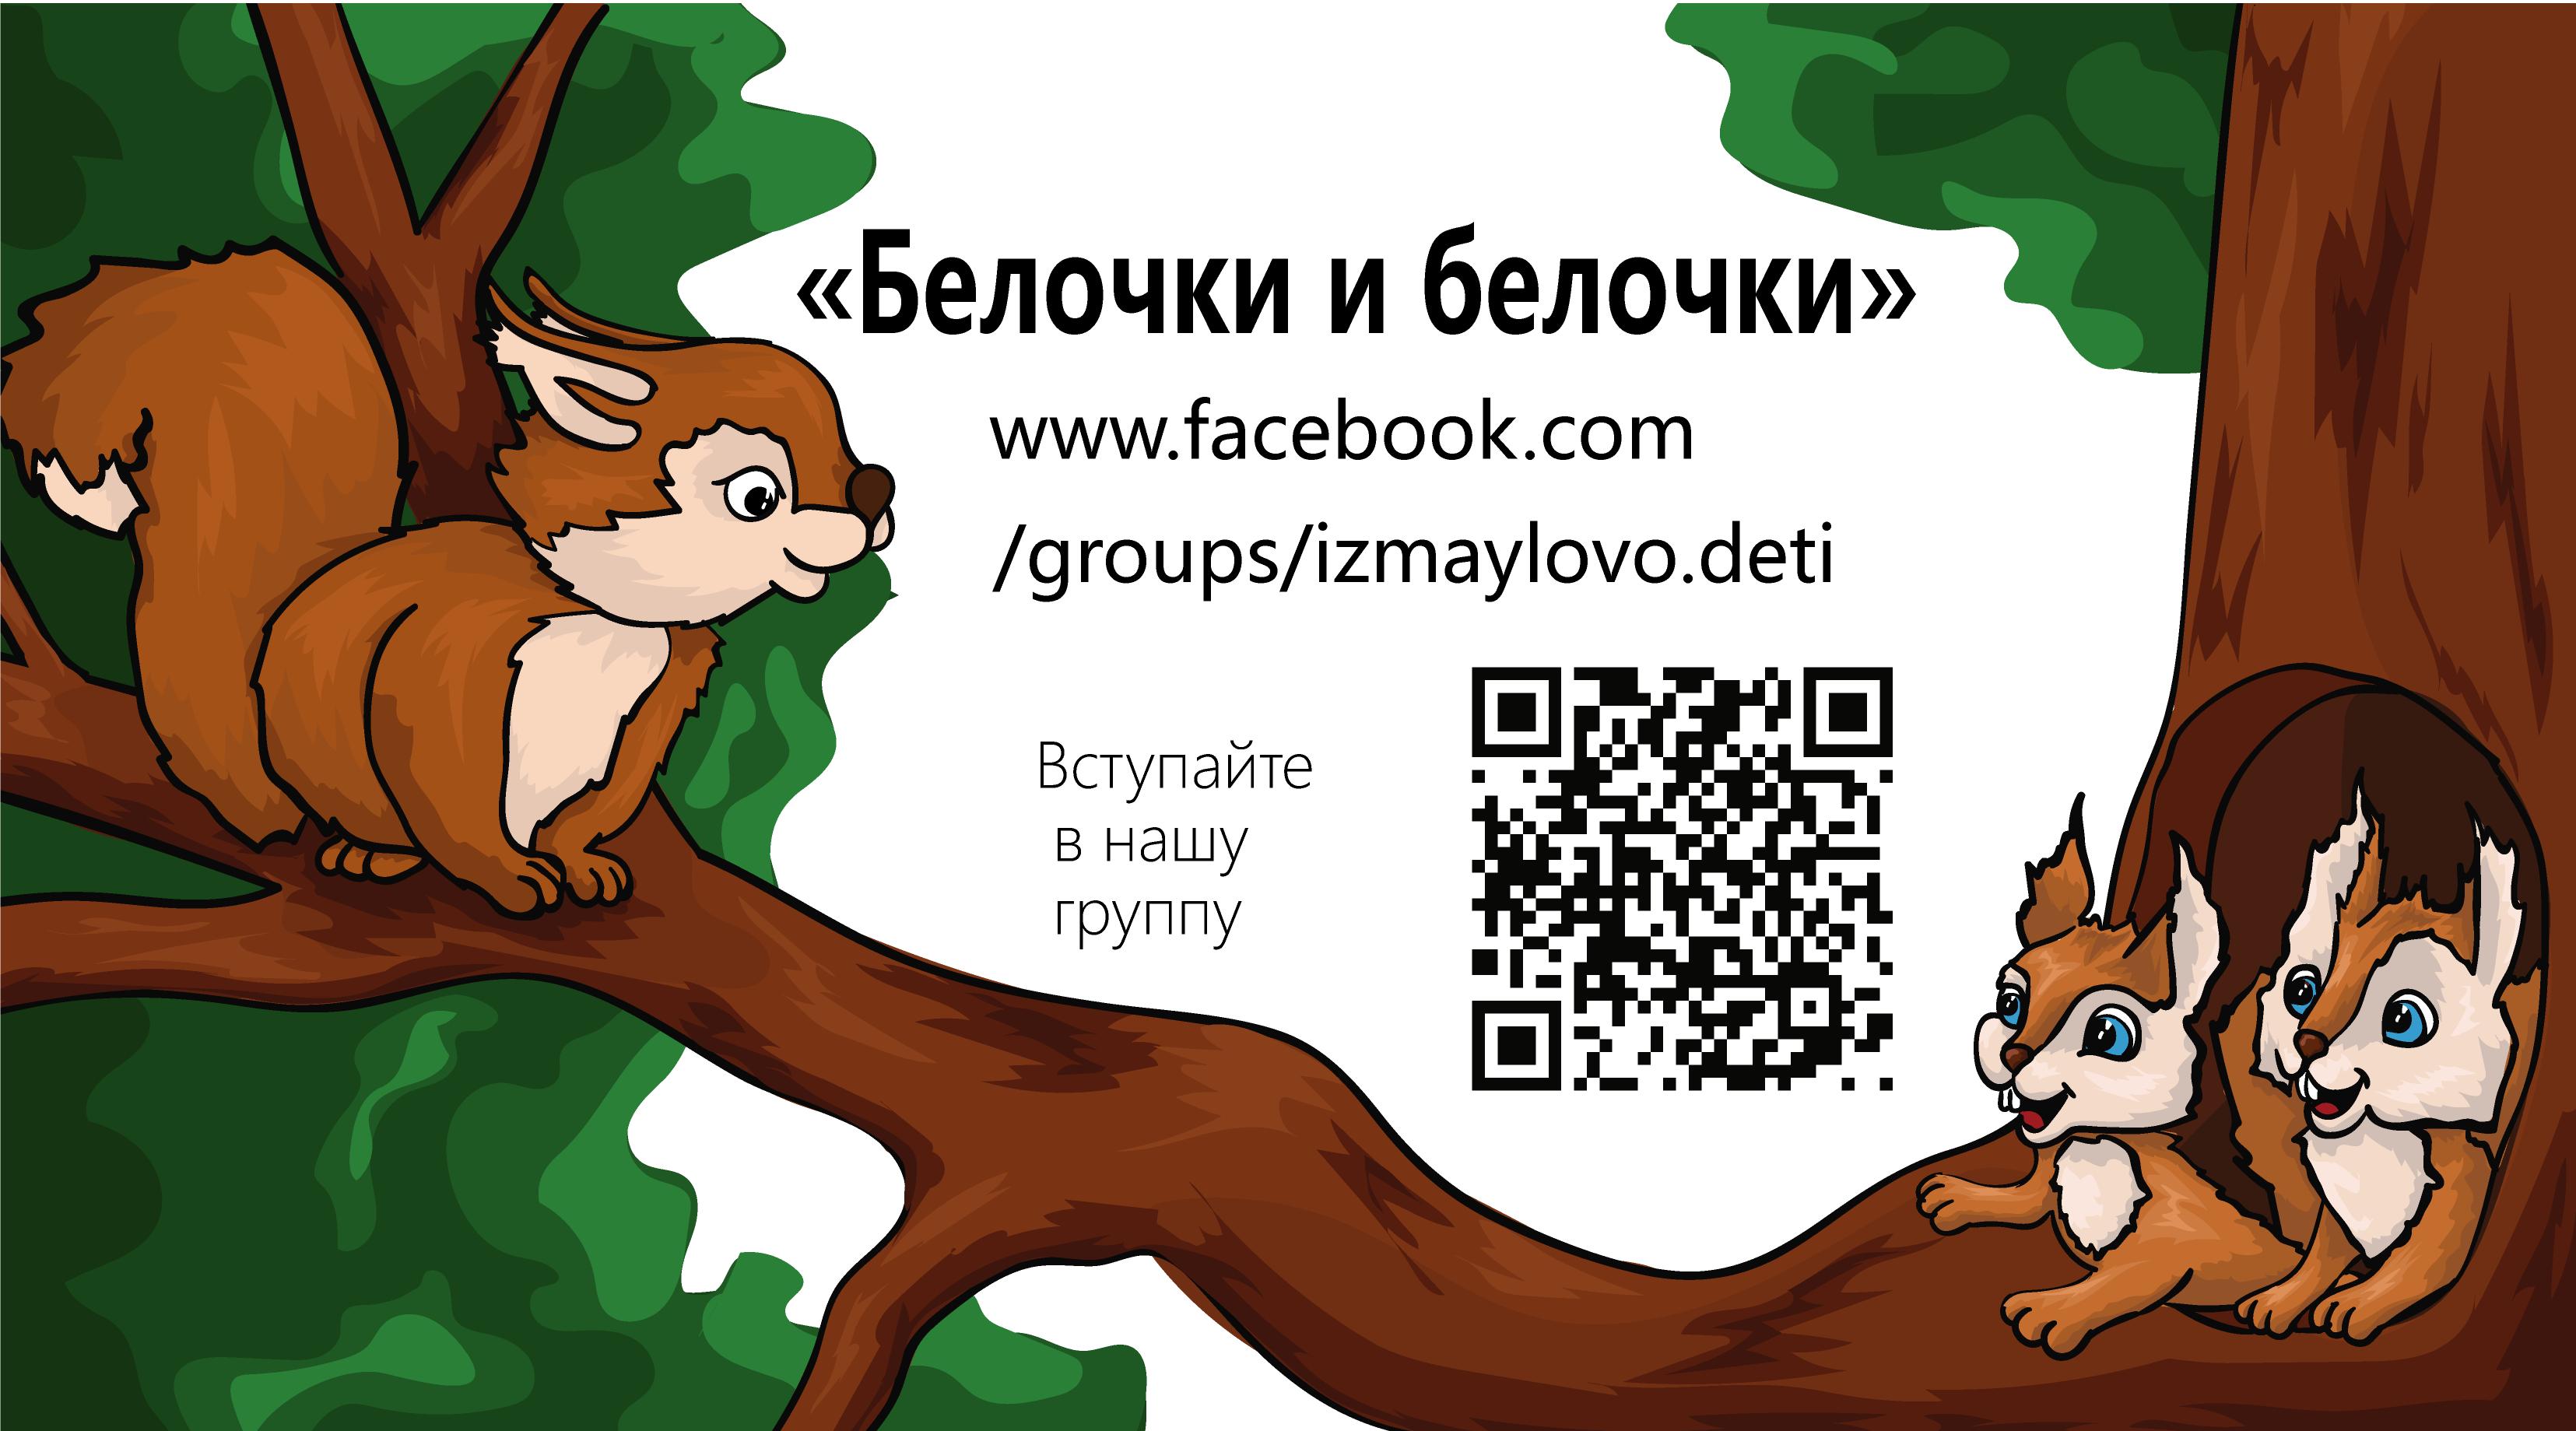 Конкурс на создание макета визиток сообщества мам (белочки). фото f_13059b547bf8b00c.png